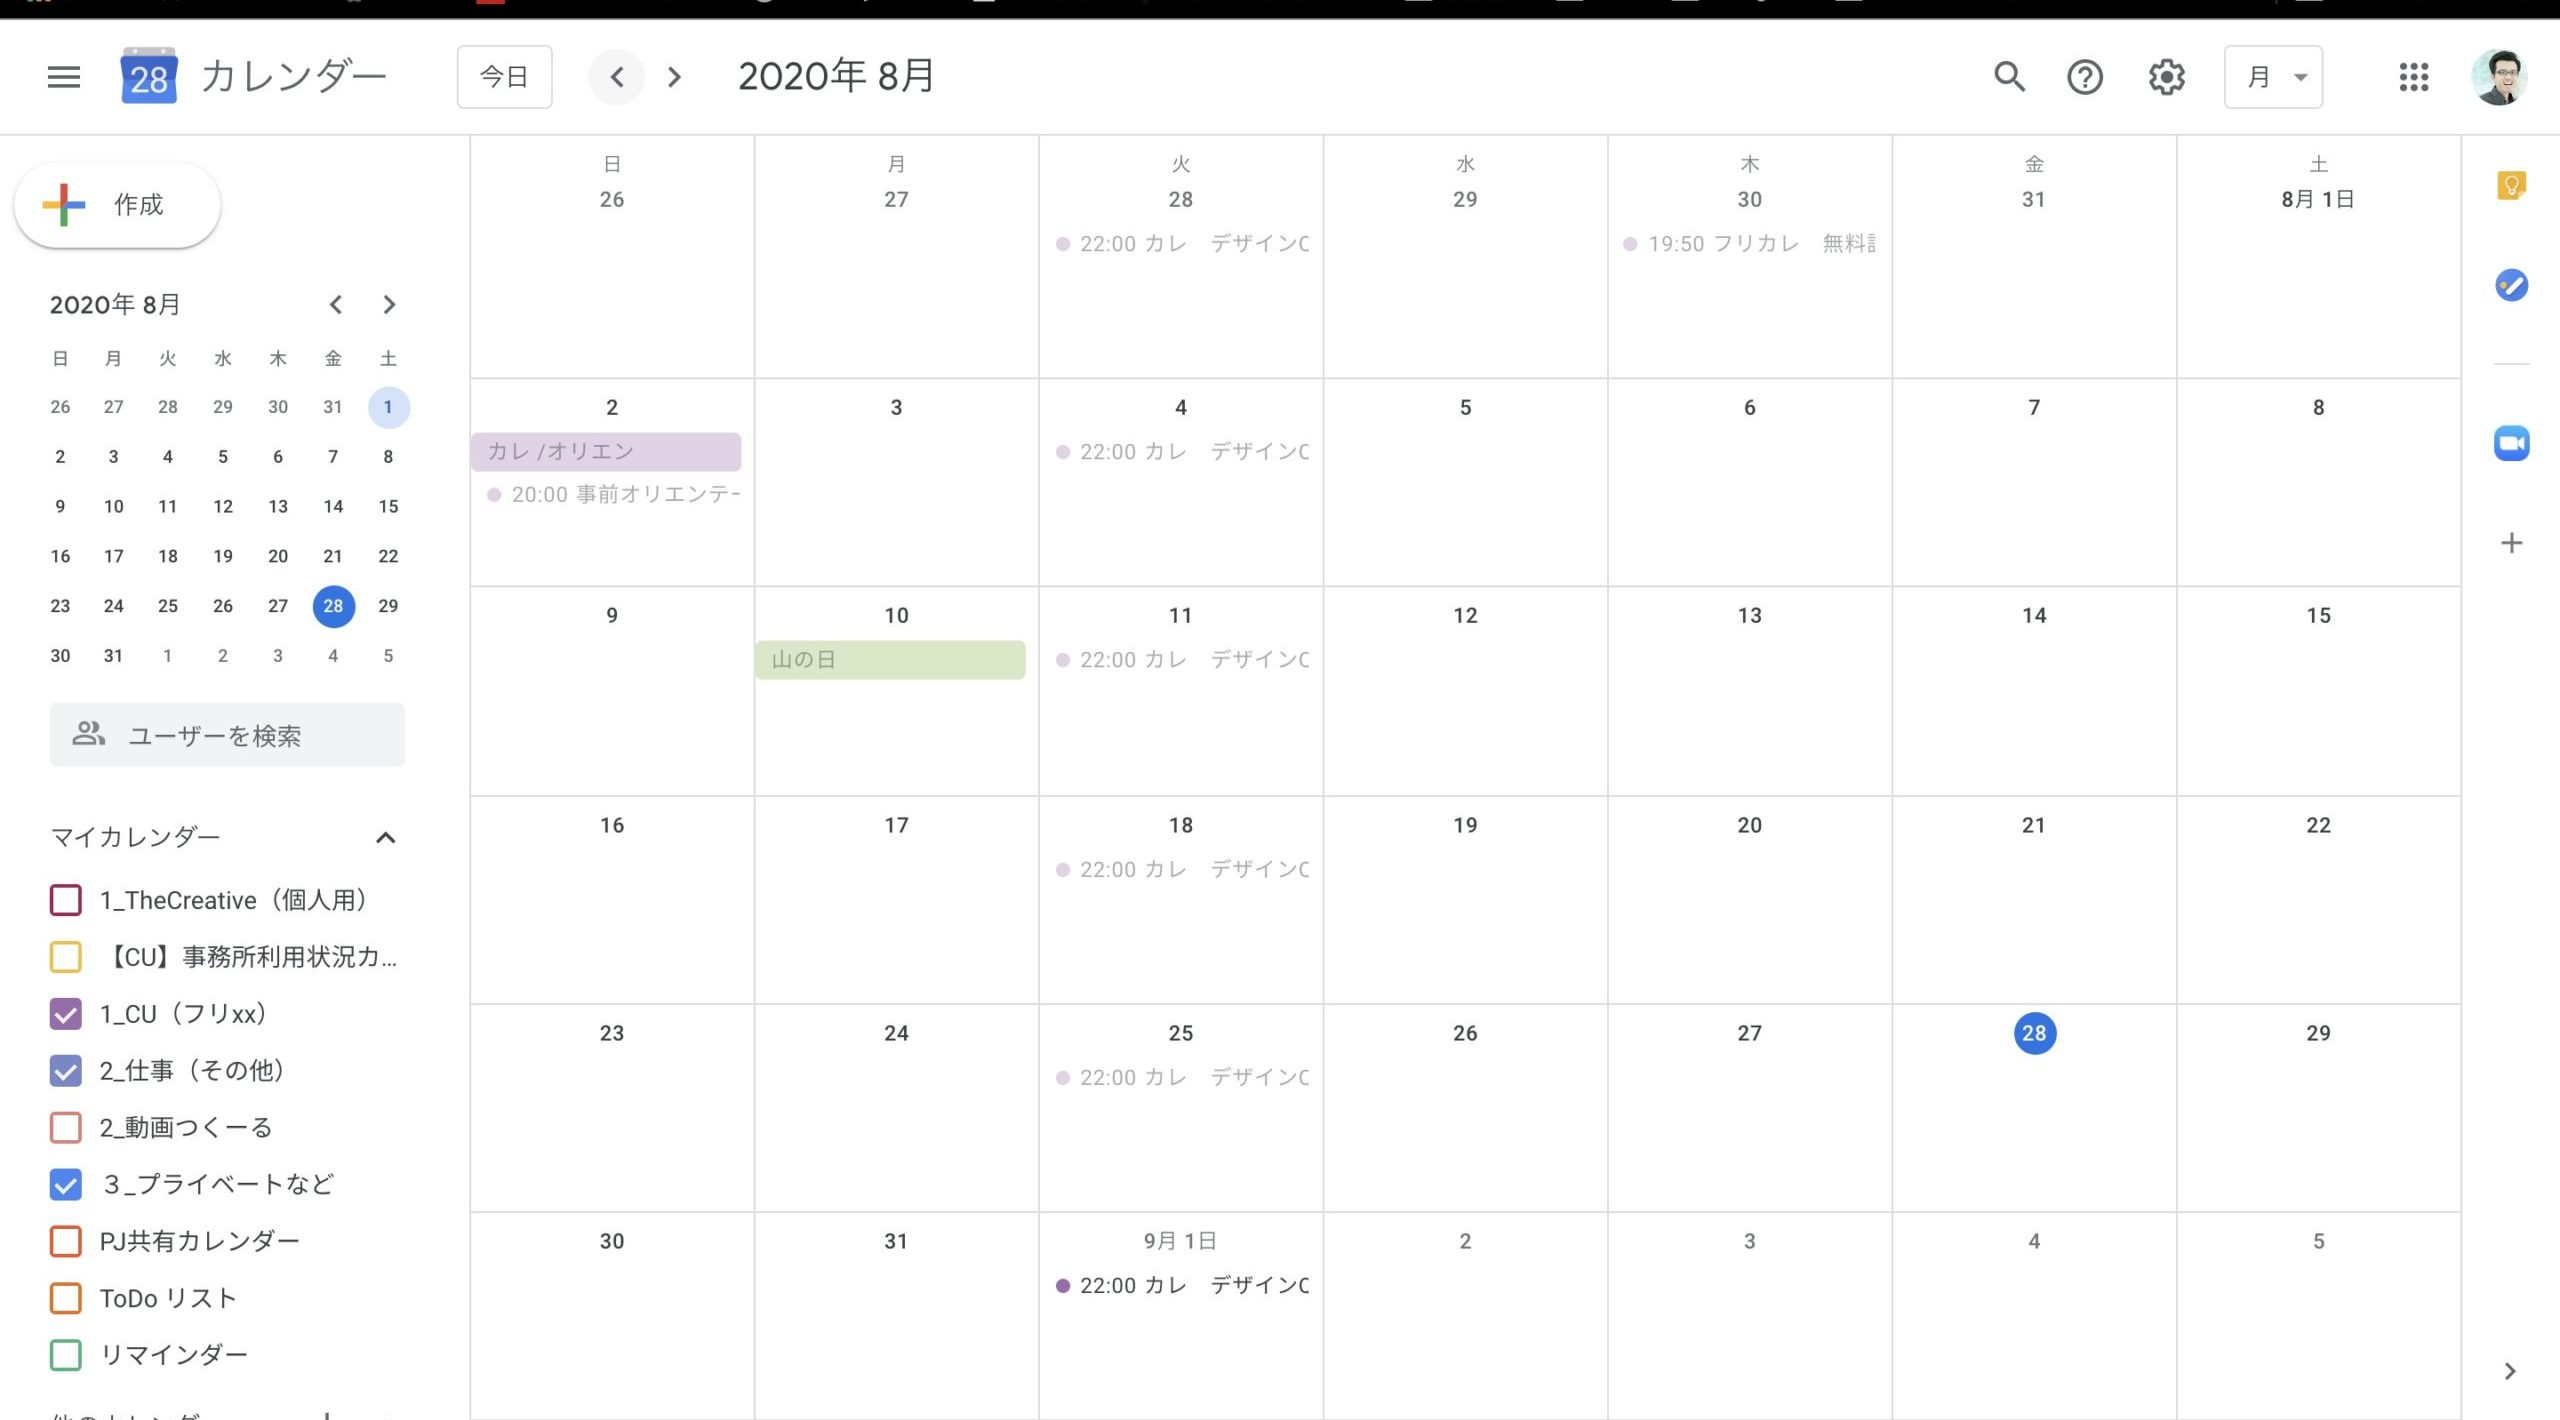 タスク管理ツール「Googleカレンダー」